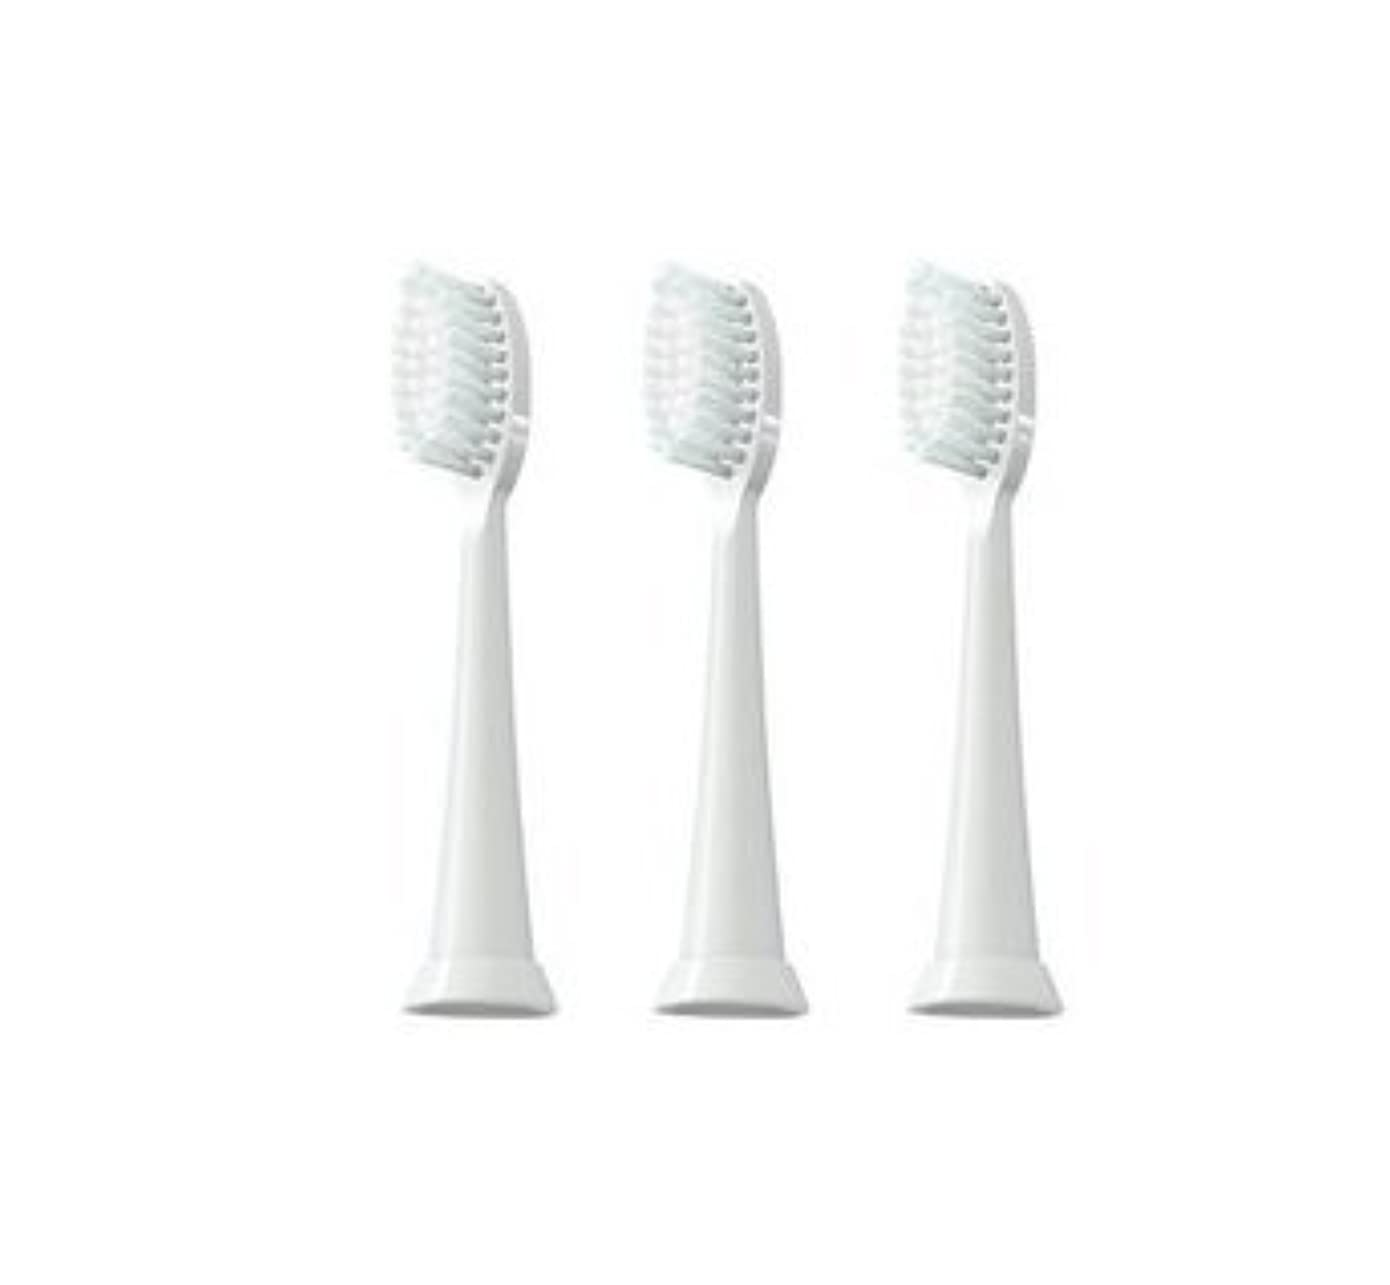 り傾斜賄賂TAO Clean 電動歯ブラシ用【替えブラシ 3本セット】(ホワイト)通常はメール便にて発送します。